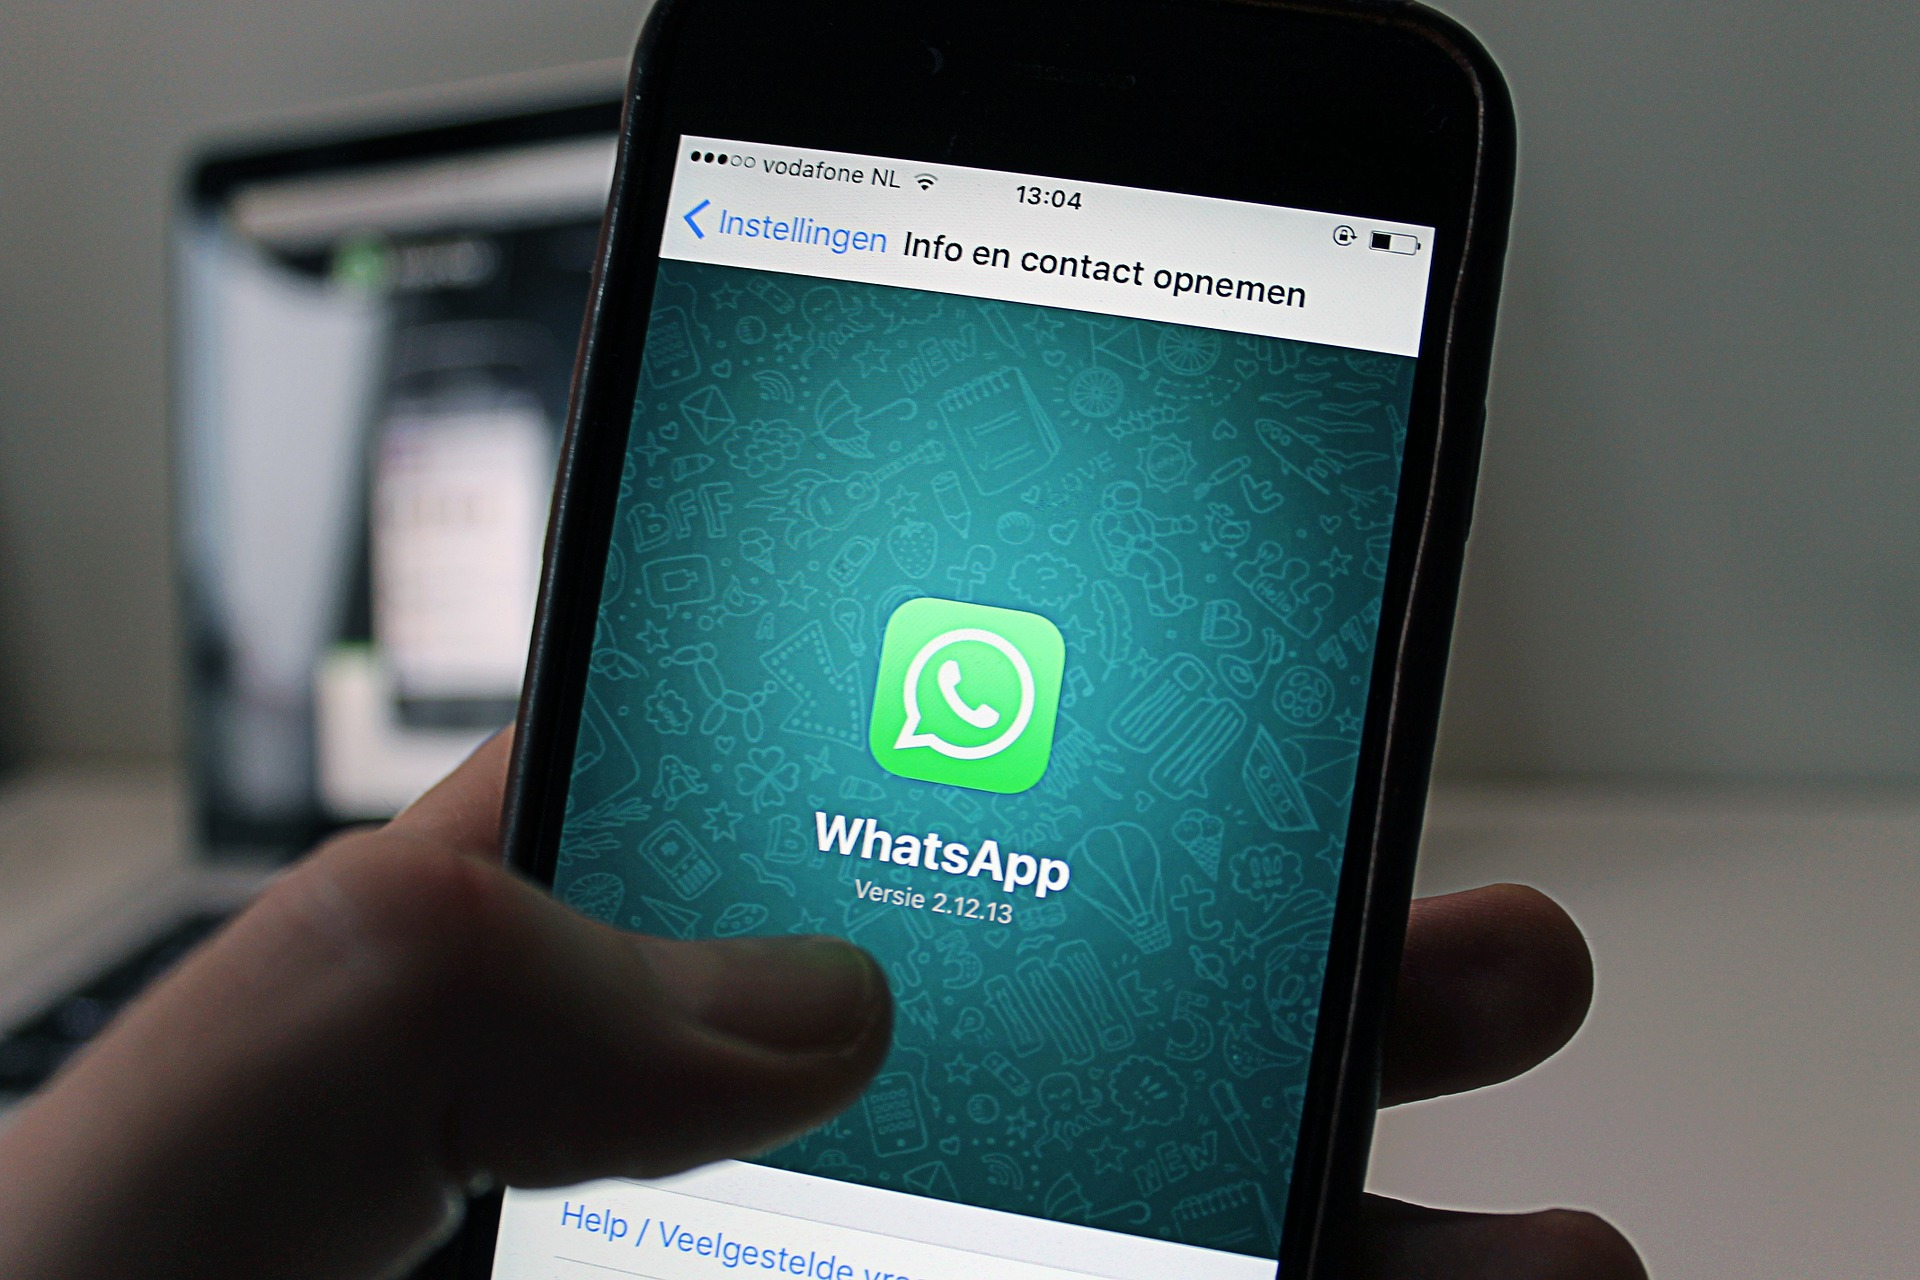 Нижегородский суд впервые вынес постановление через WhatsApp